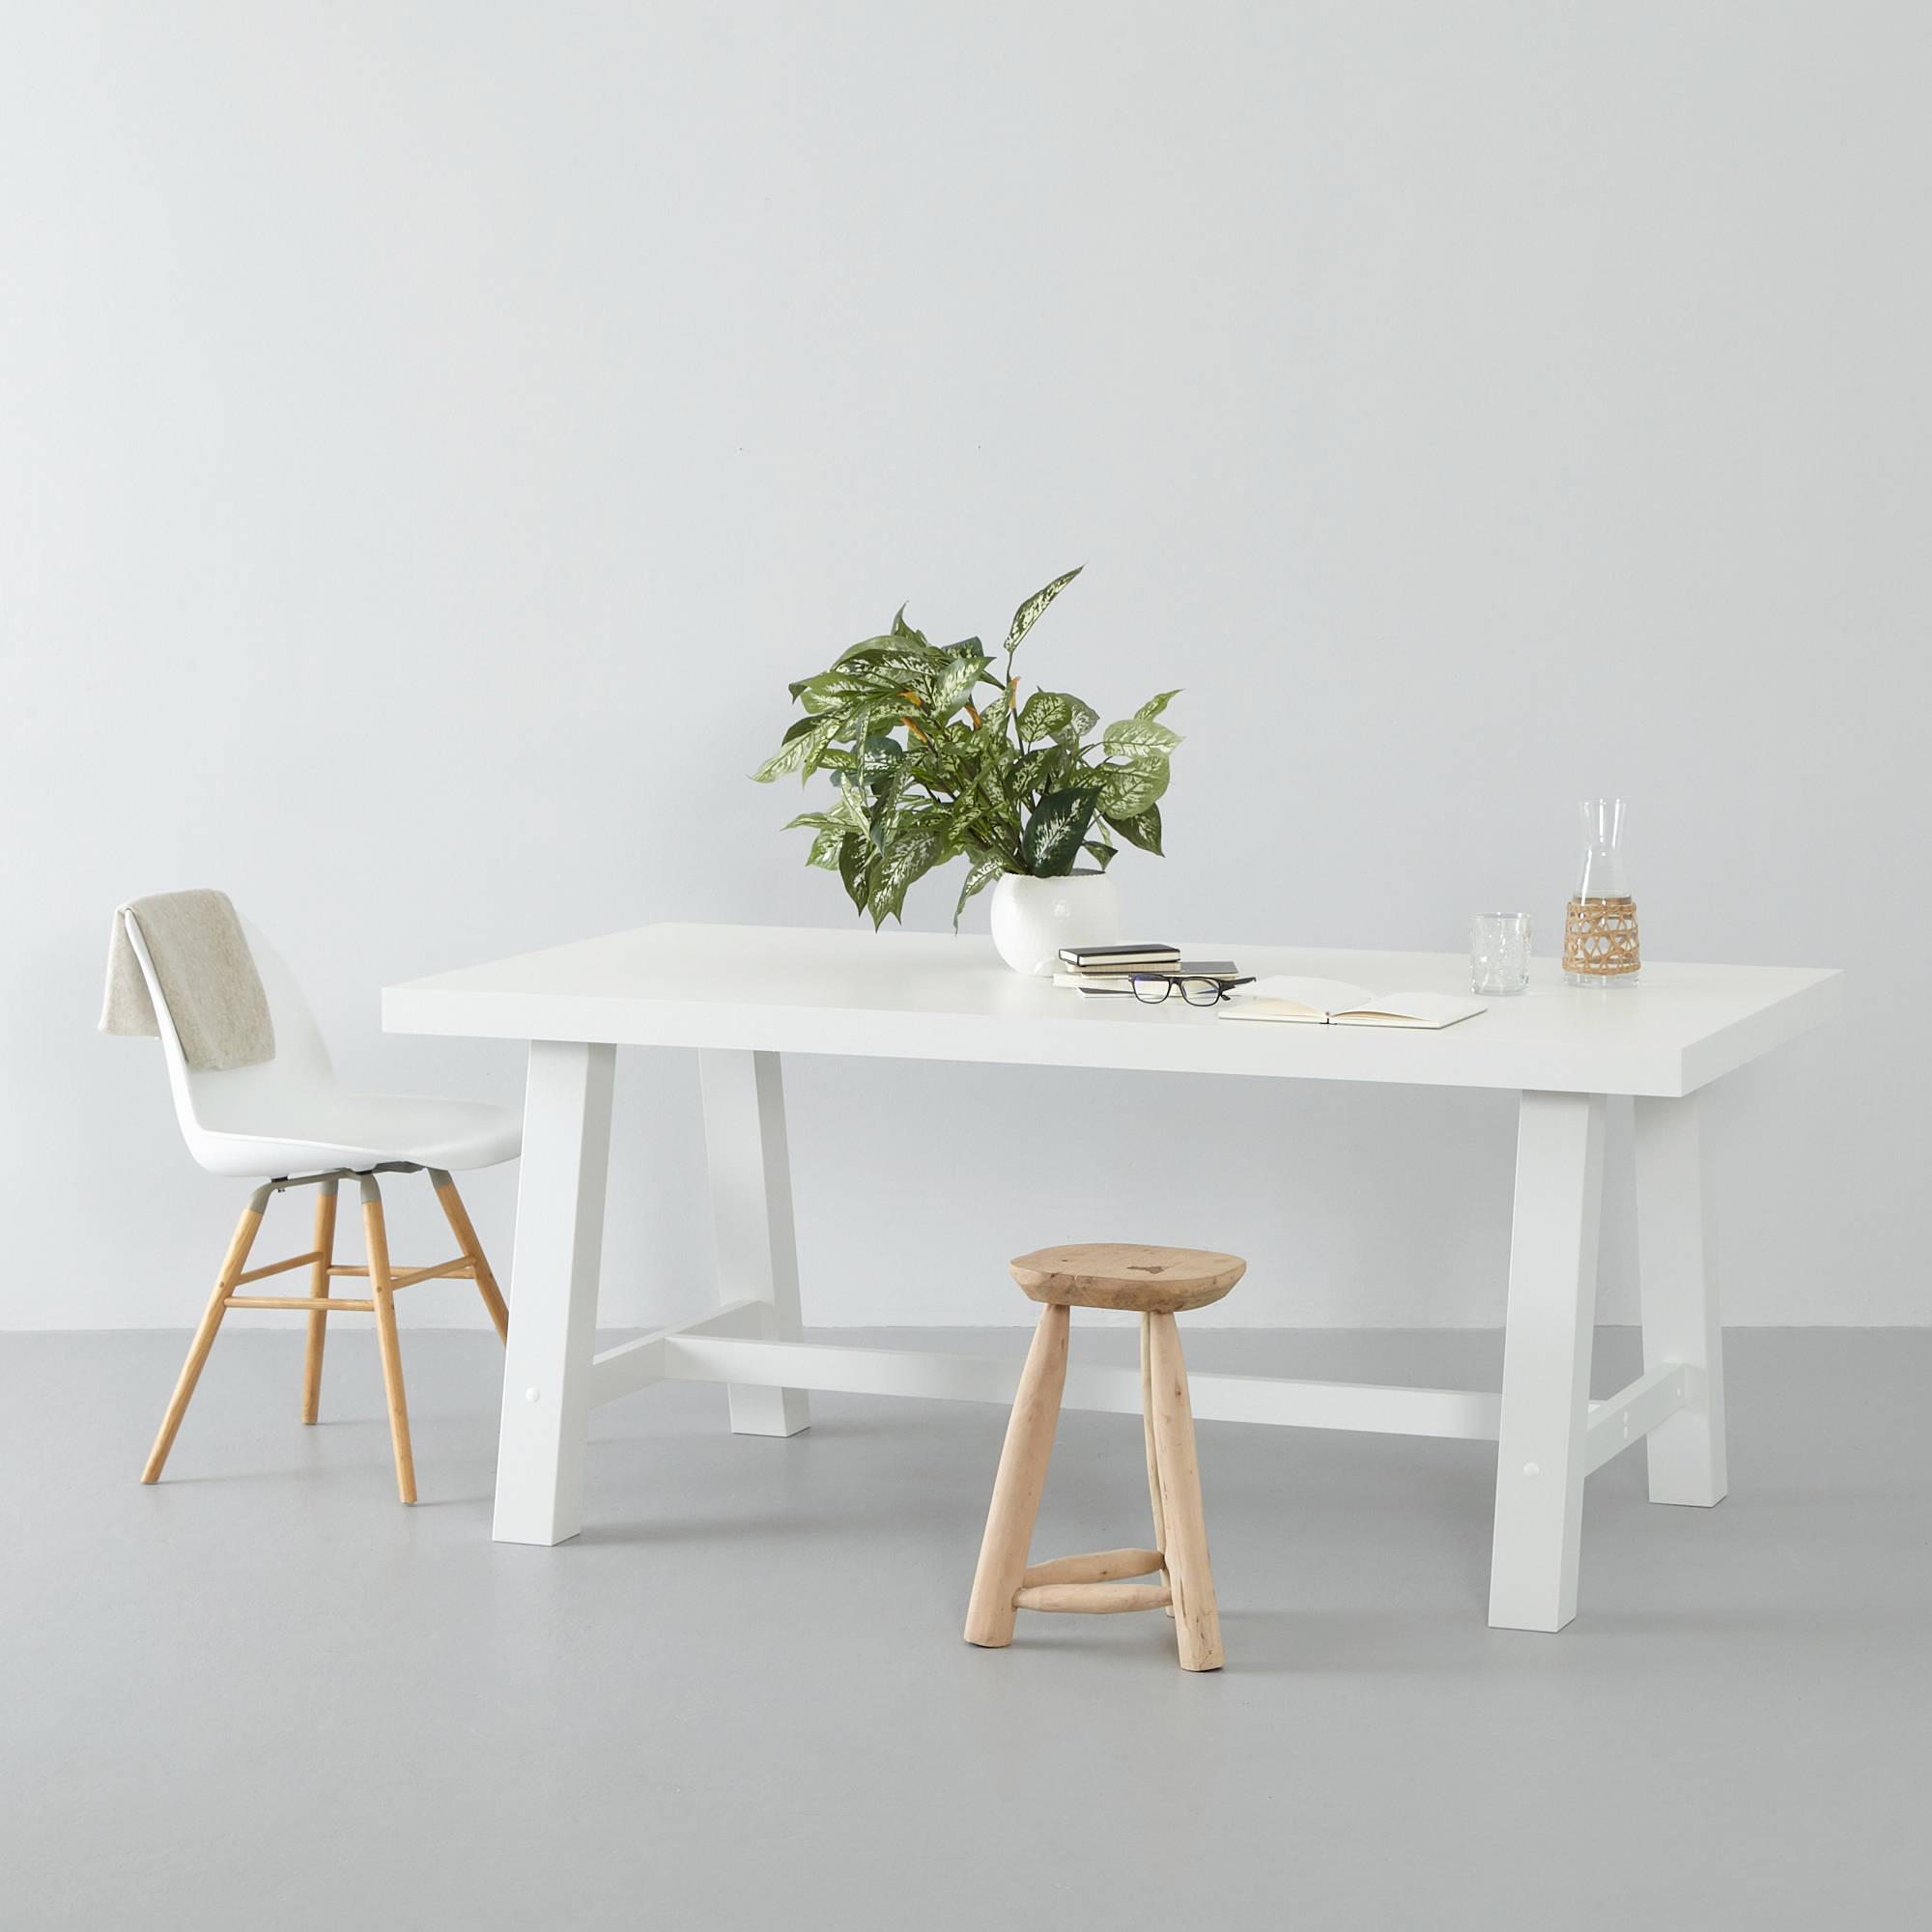 Strakke Witte Eettafel.Eettafels Bij Wehkamp Gratis Bezorging Vanaf 20